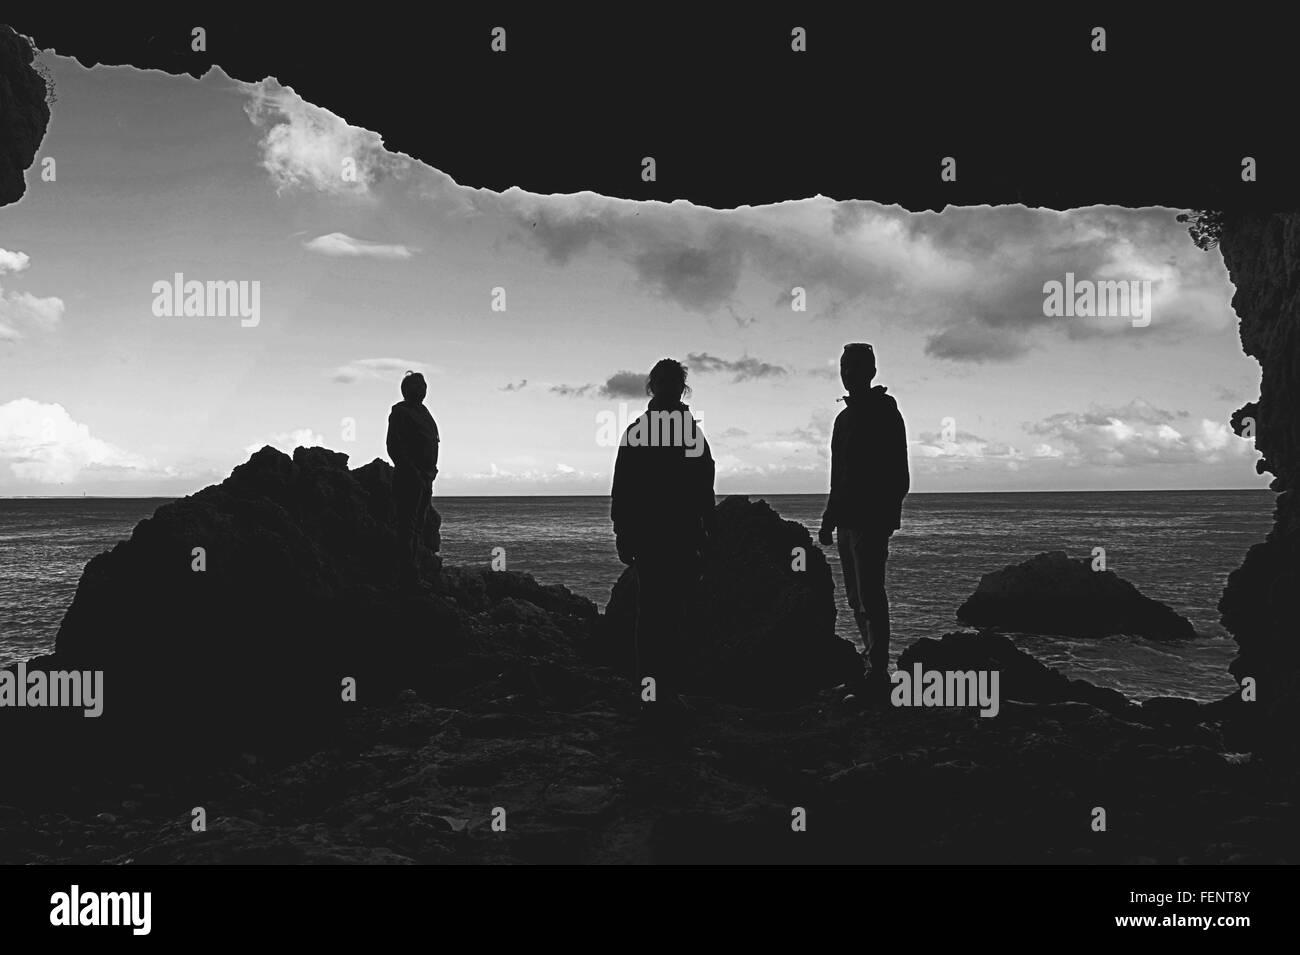 Silhouette Menschen stehen am Strand von Felsen Stockbild